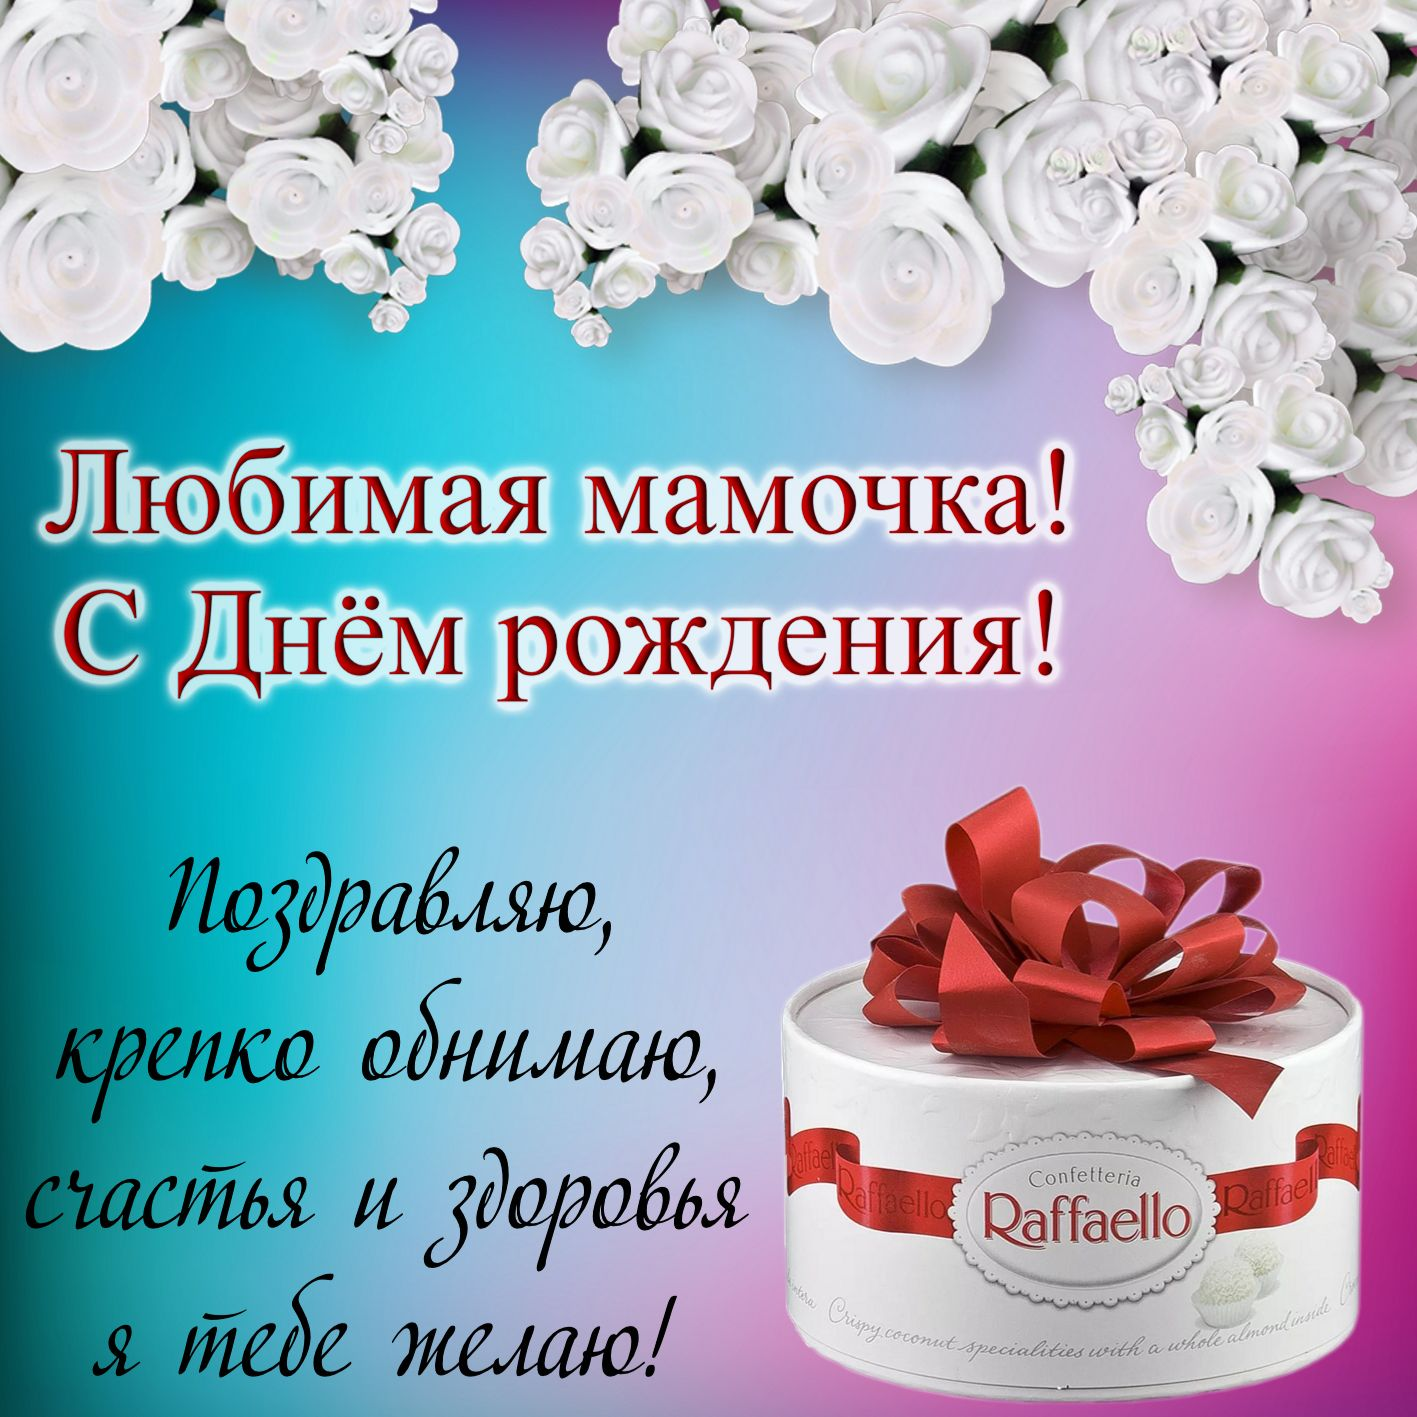 Открытка с конфетами и цветами для мамы